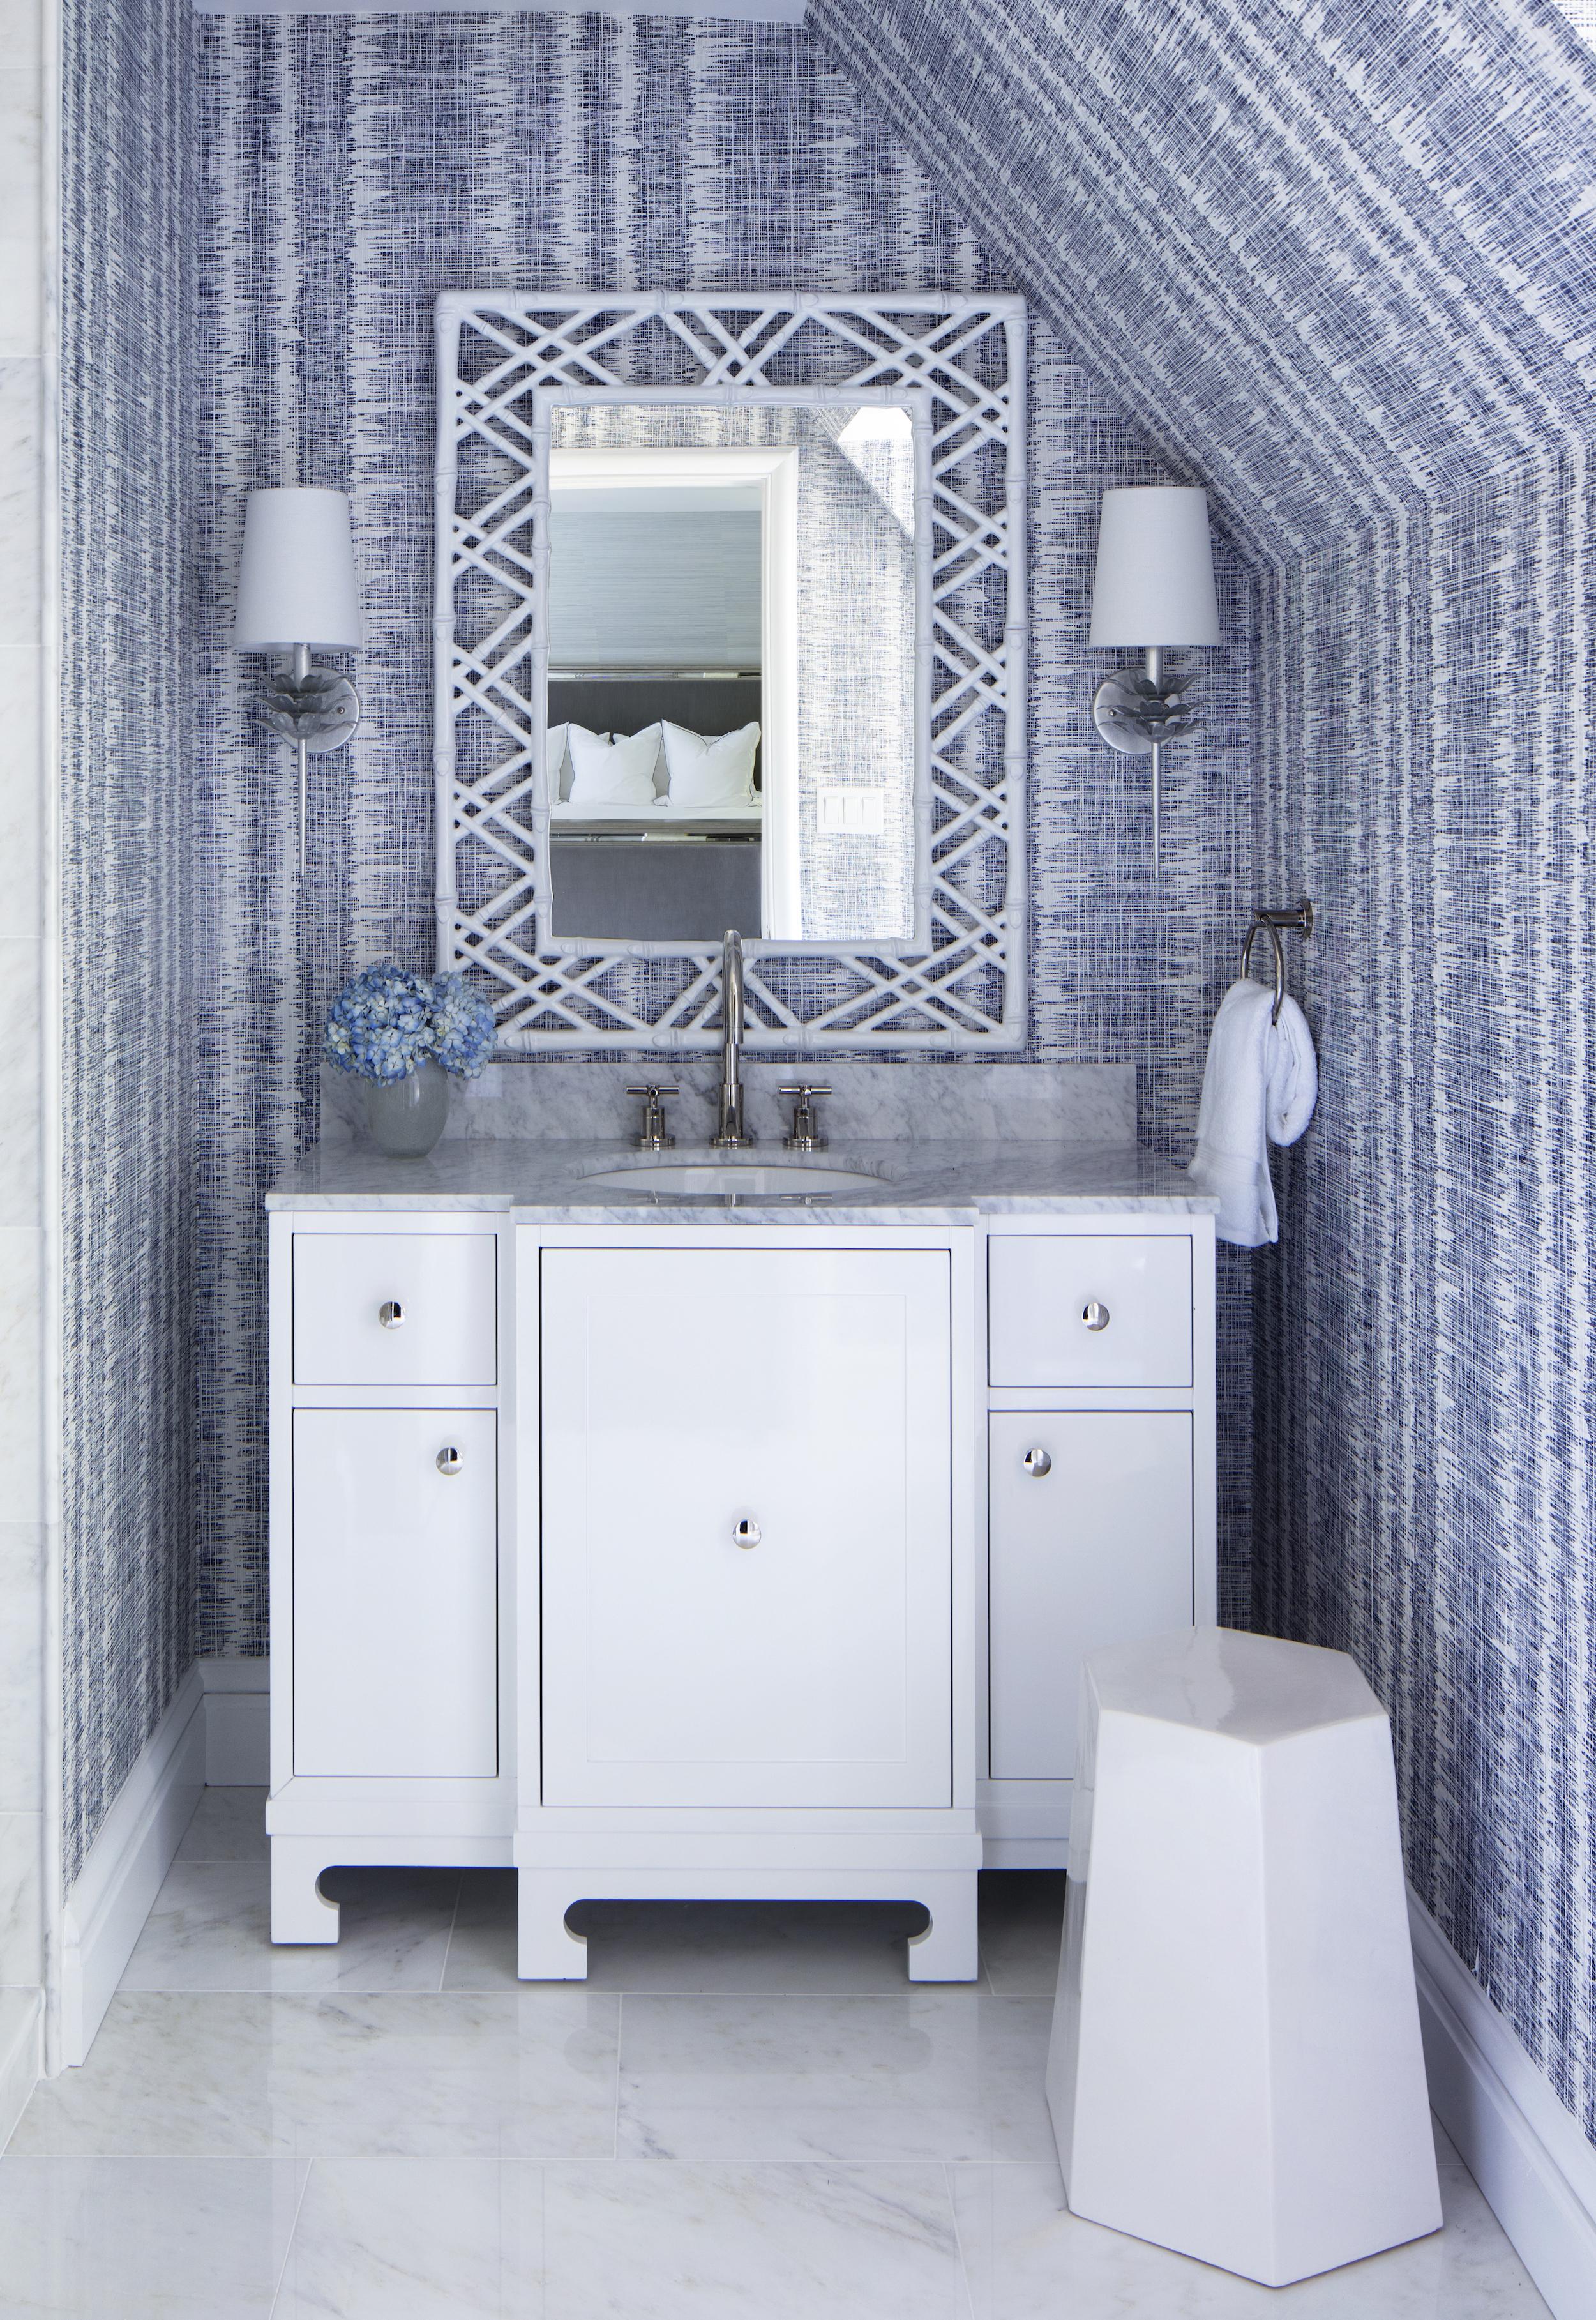 upstairsbathroom1revised (1).jpg